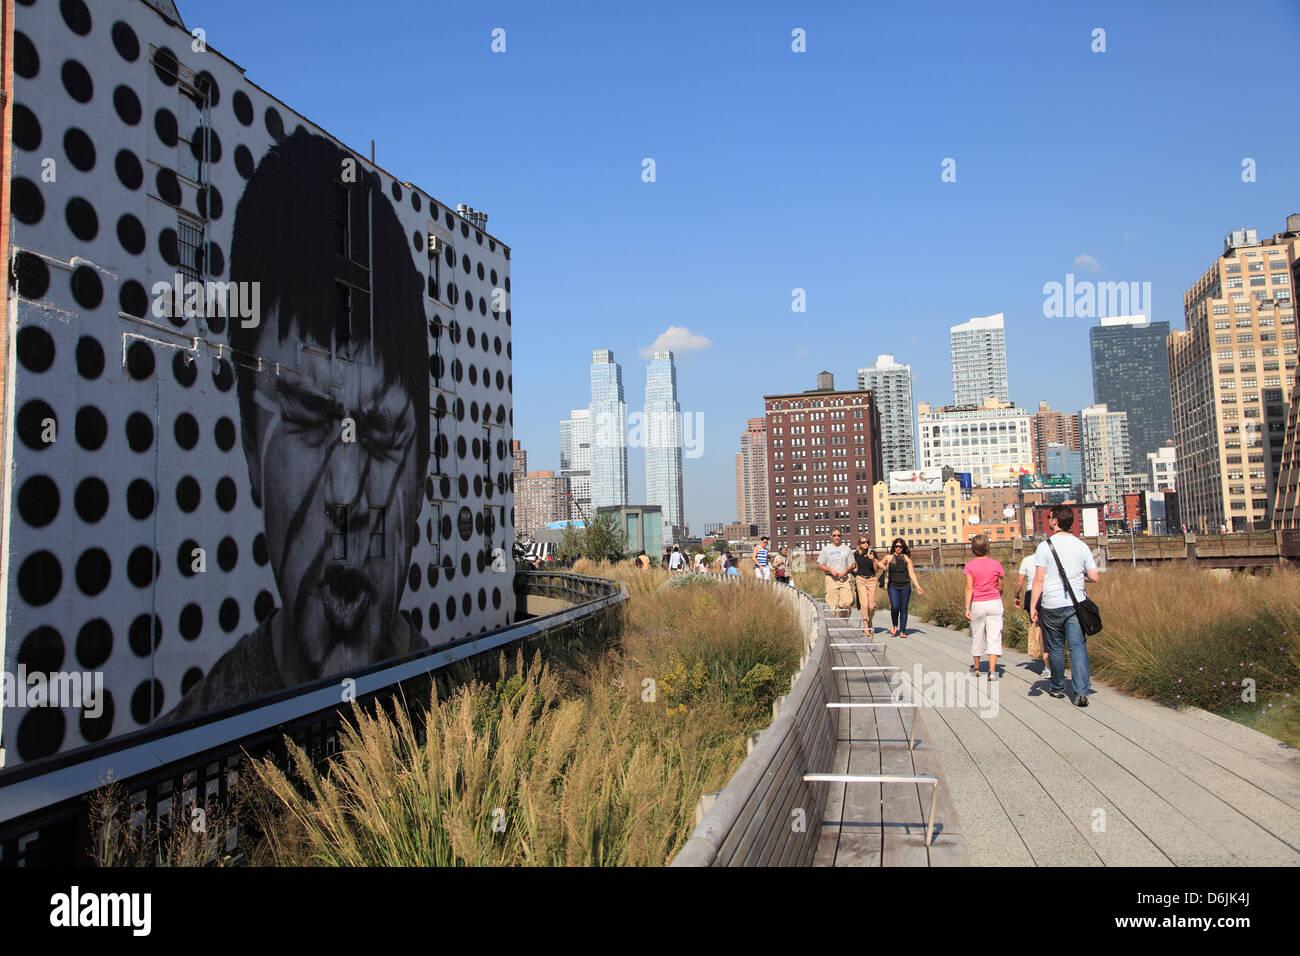 Le parc High Line, un parc public sur l'ancienne voie ferrée, Manhattan, New York City, États-Unis Photo Stock